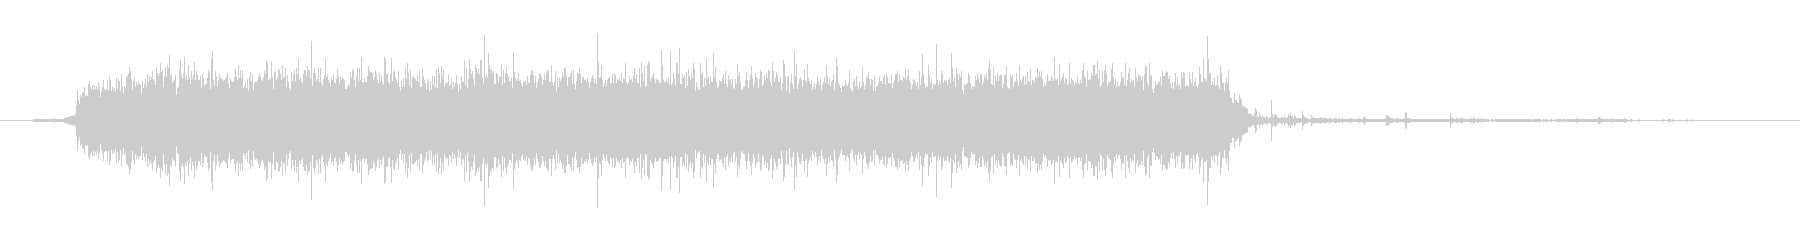 水 タップフローウルトラハードロング01の未再生の波形